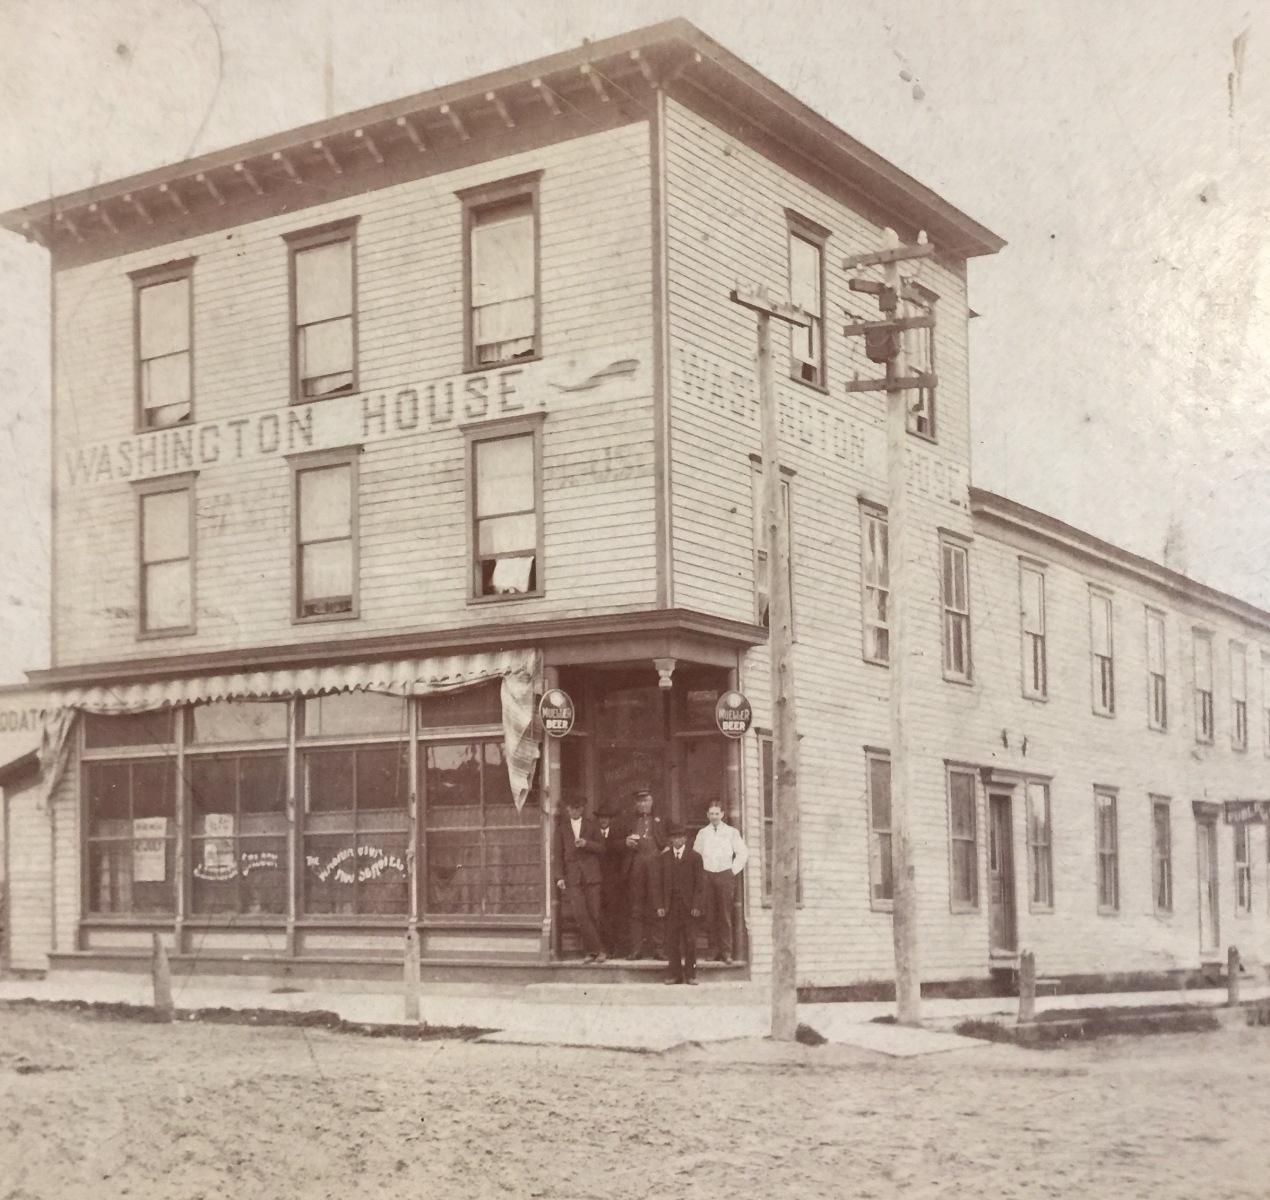 Old Photo of Washington House